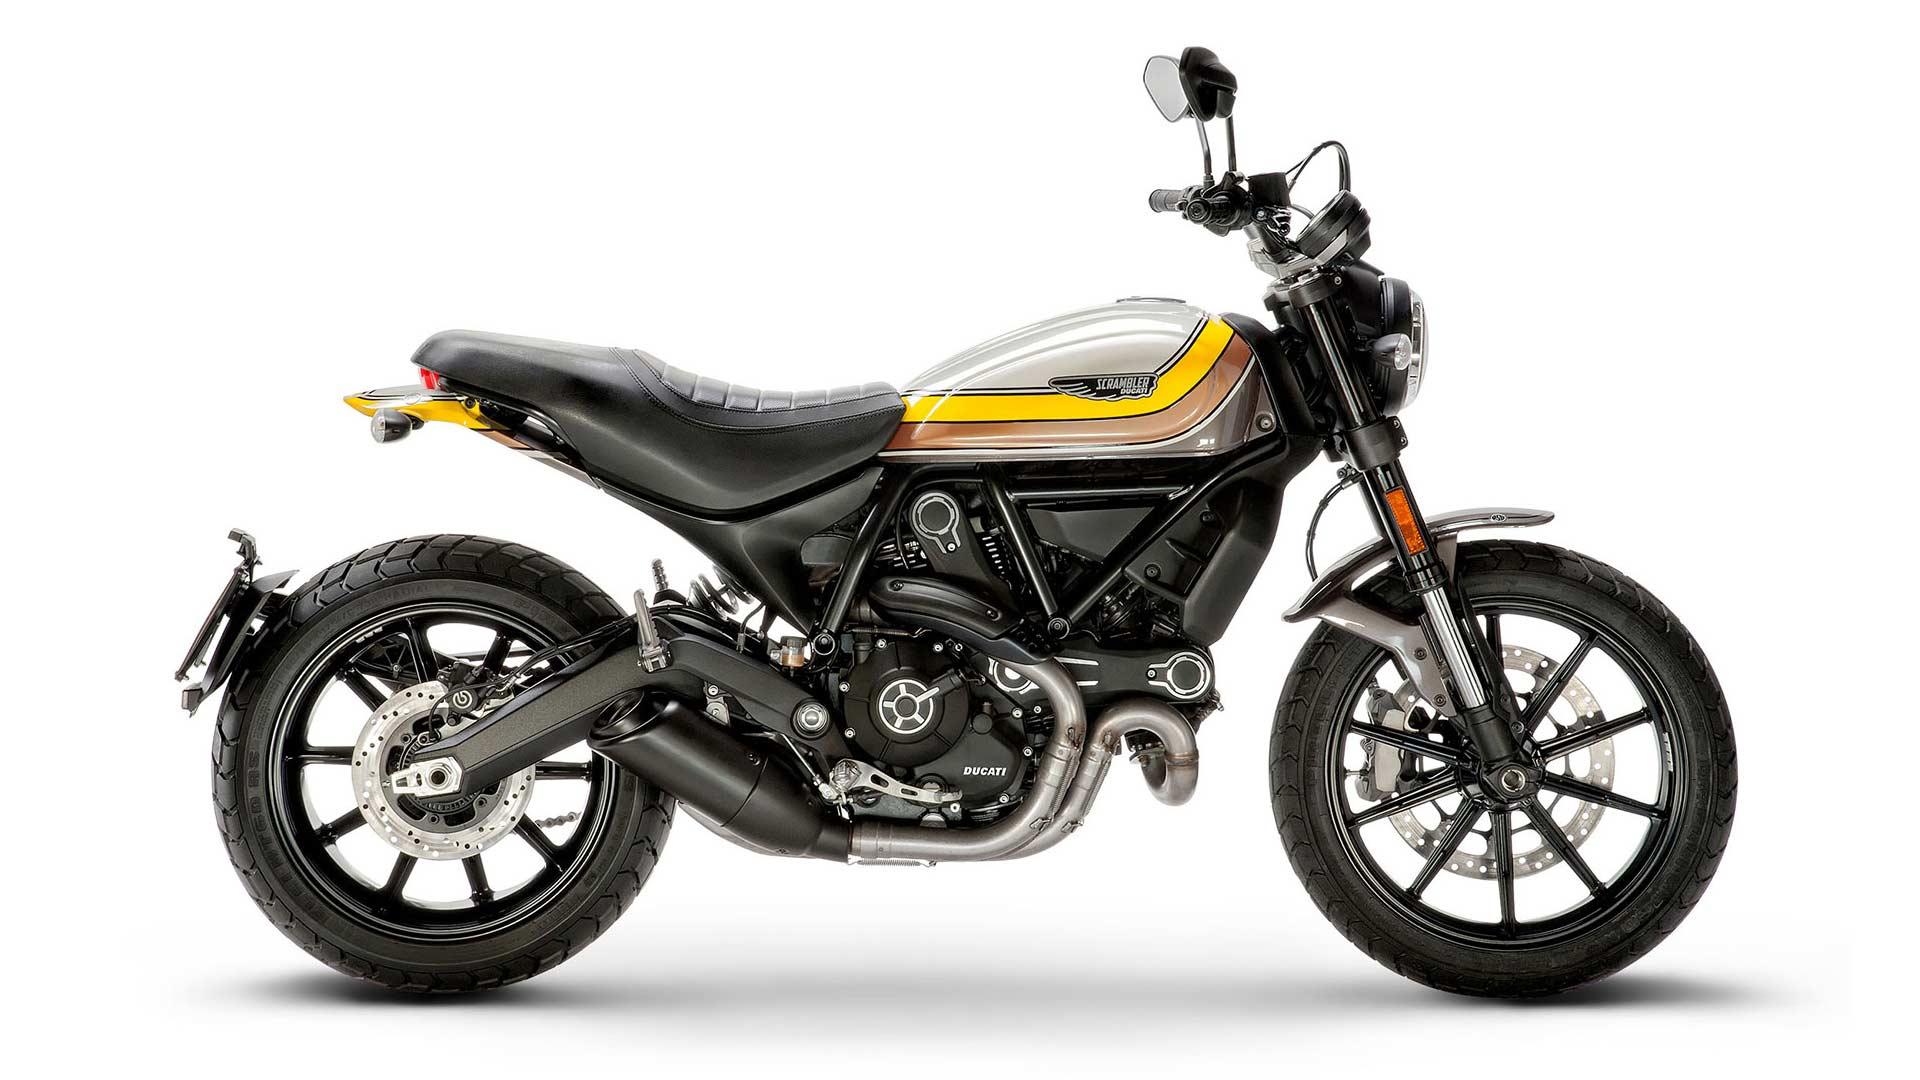 Ducati-Scrambbler-Mach-2.0